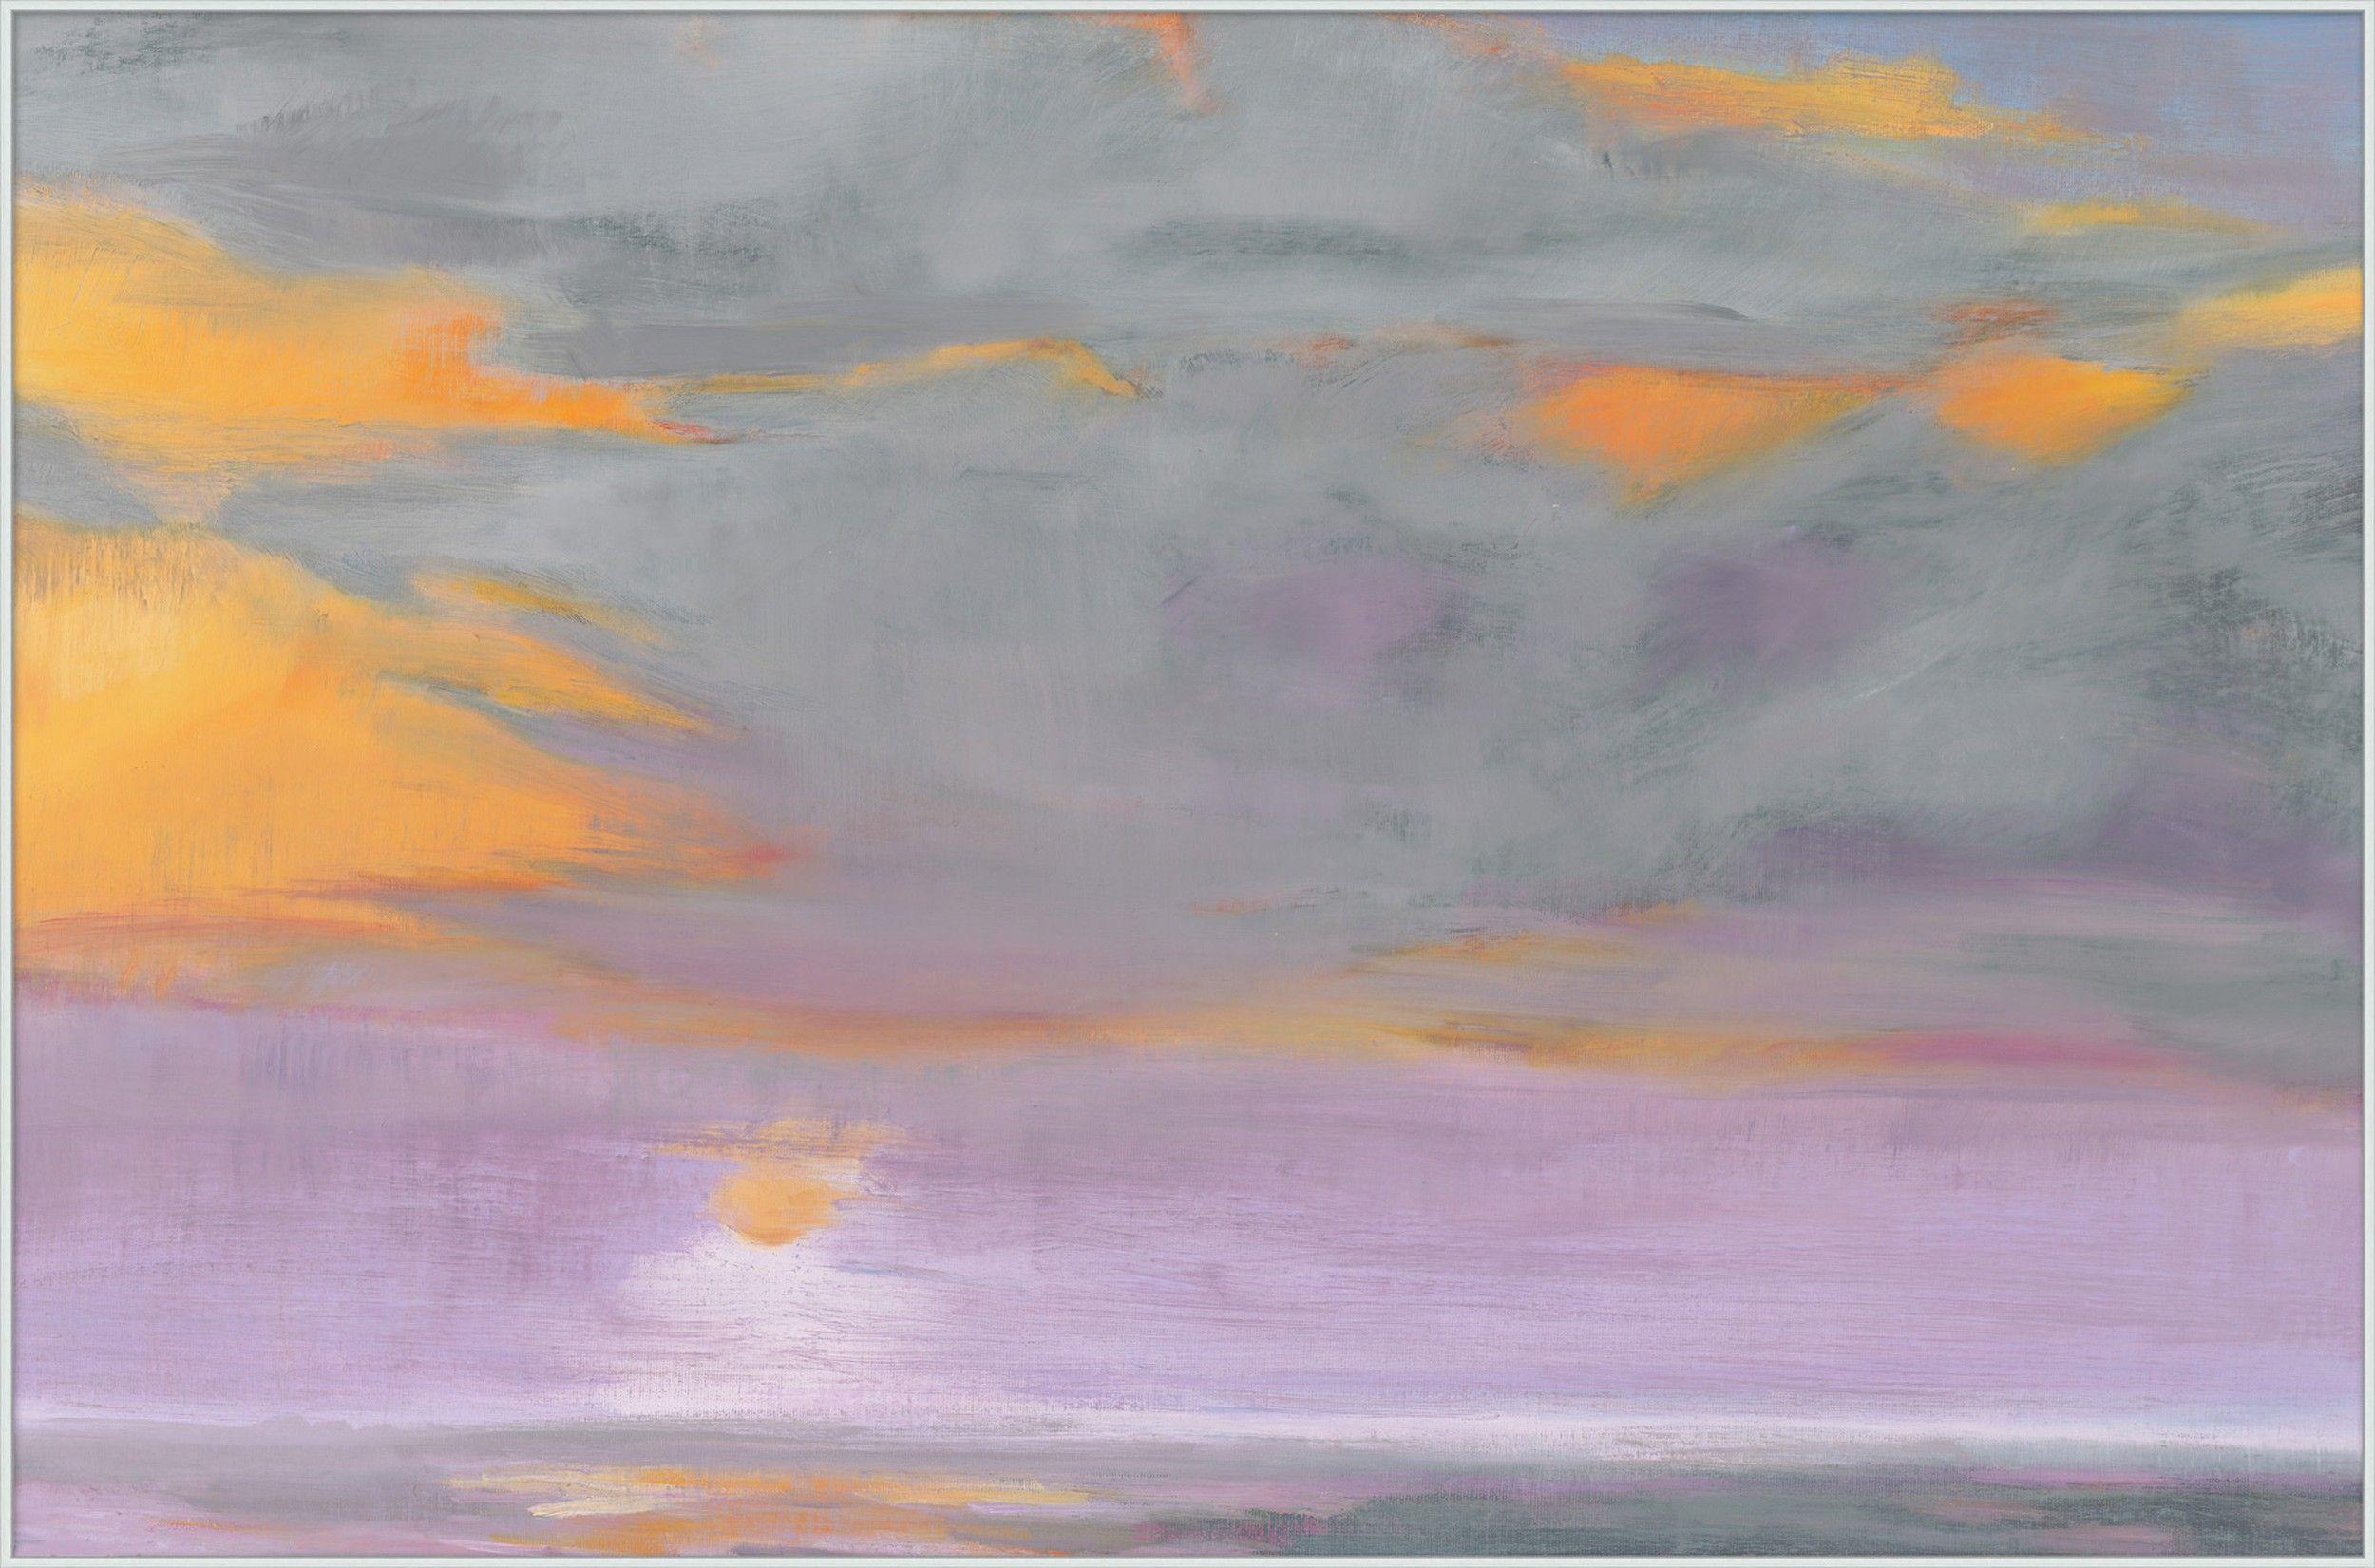 Poem: Tangerine Skies